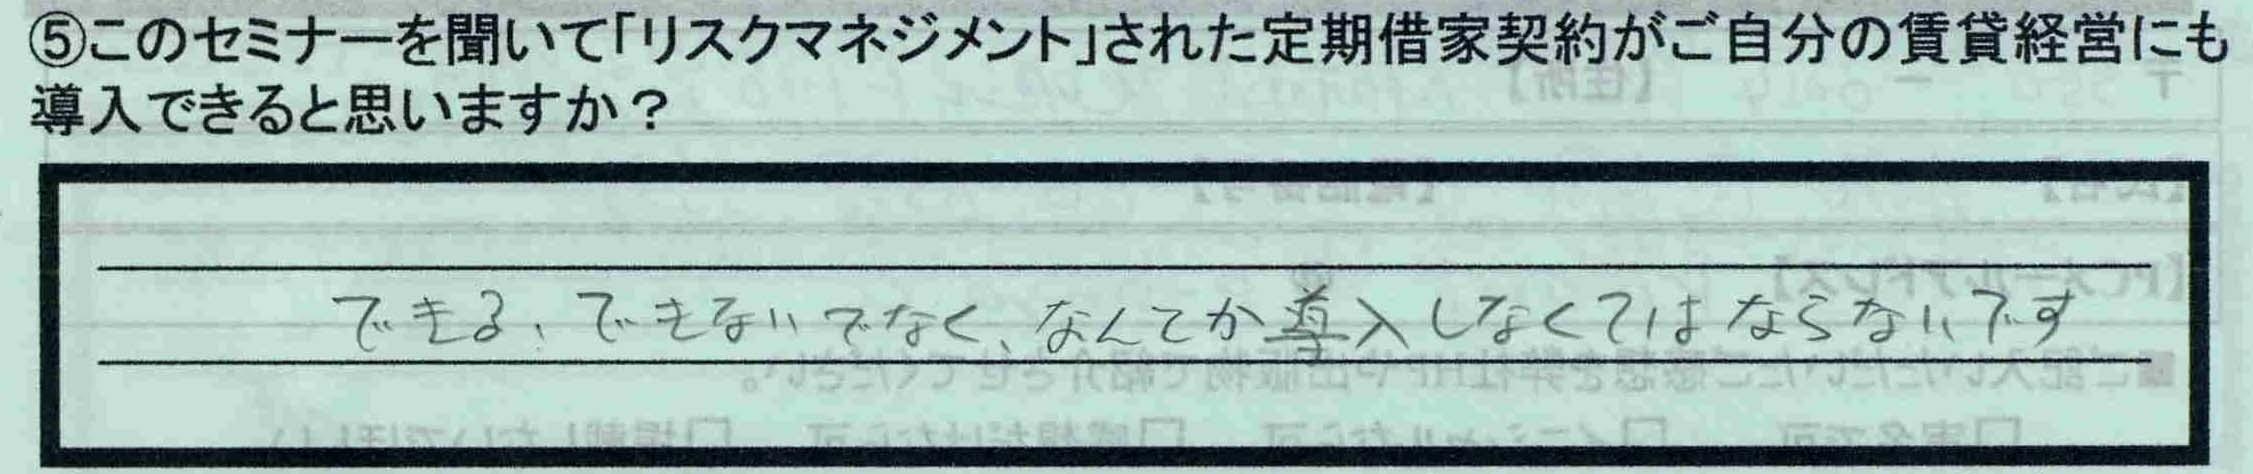 【大阪府大阪市】【K.Tさん】【導入可能か?】